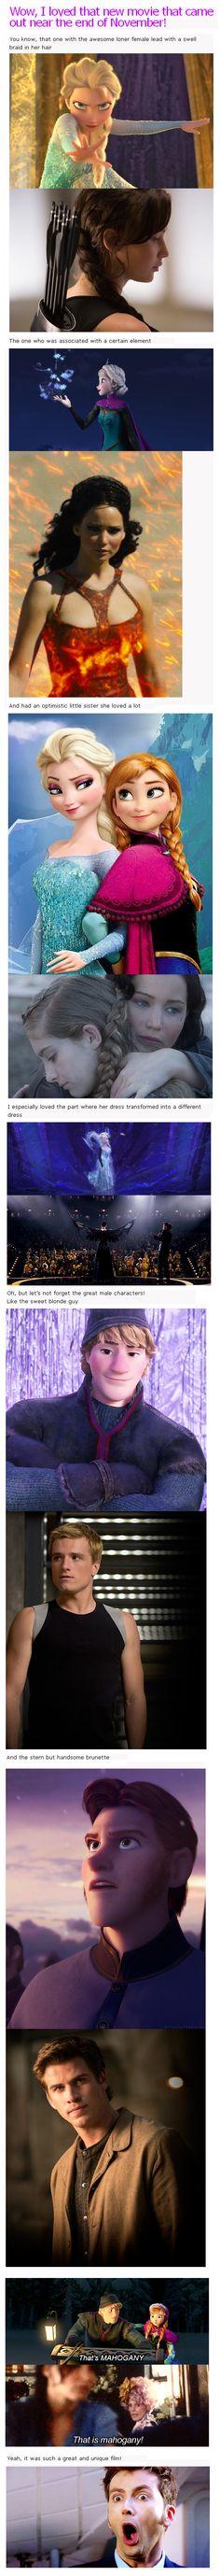 Frozen/Hunger Games.